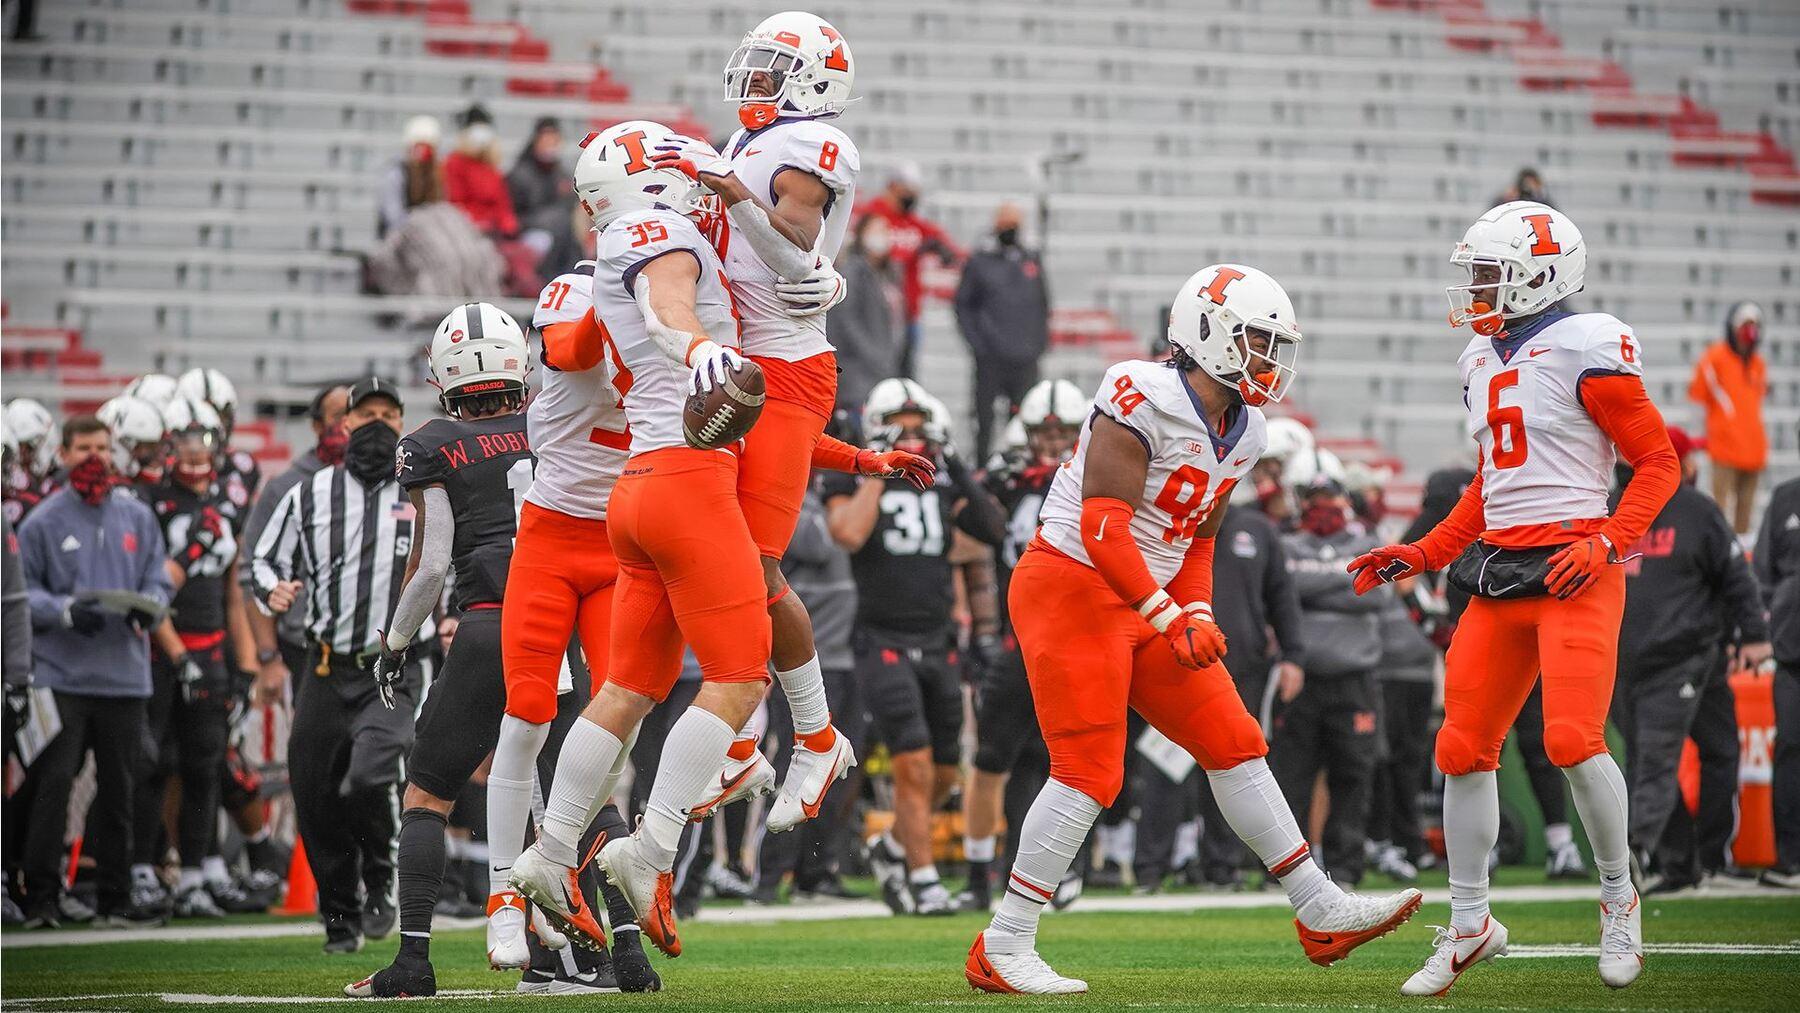 players celebrating on field in Nebraska